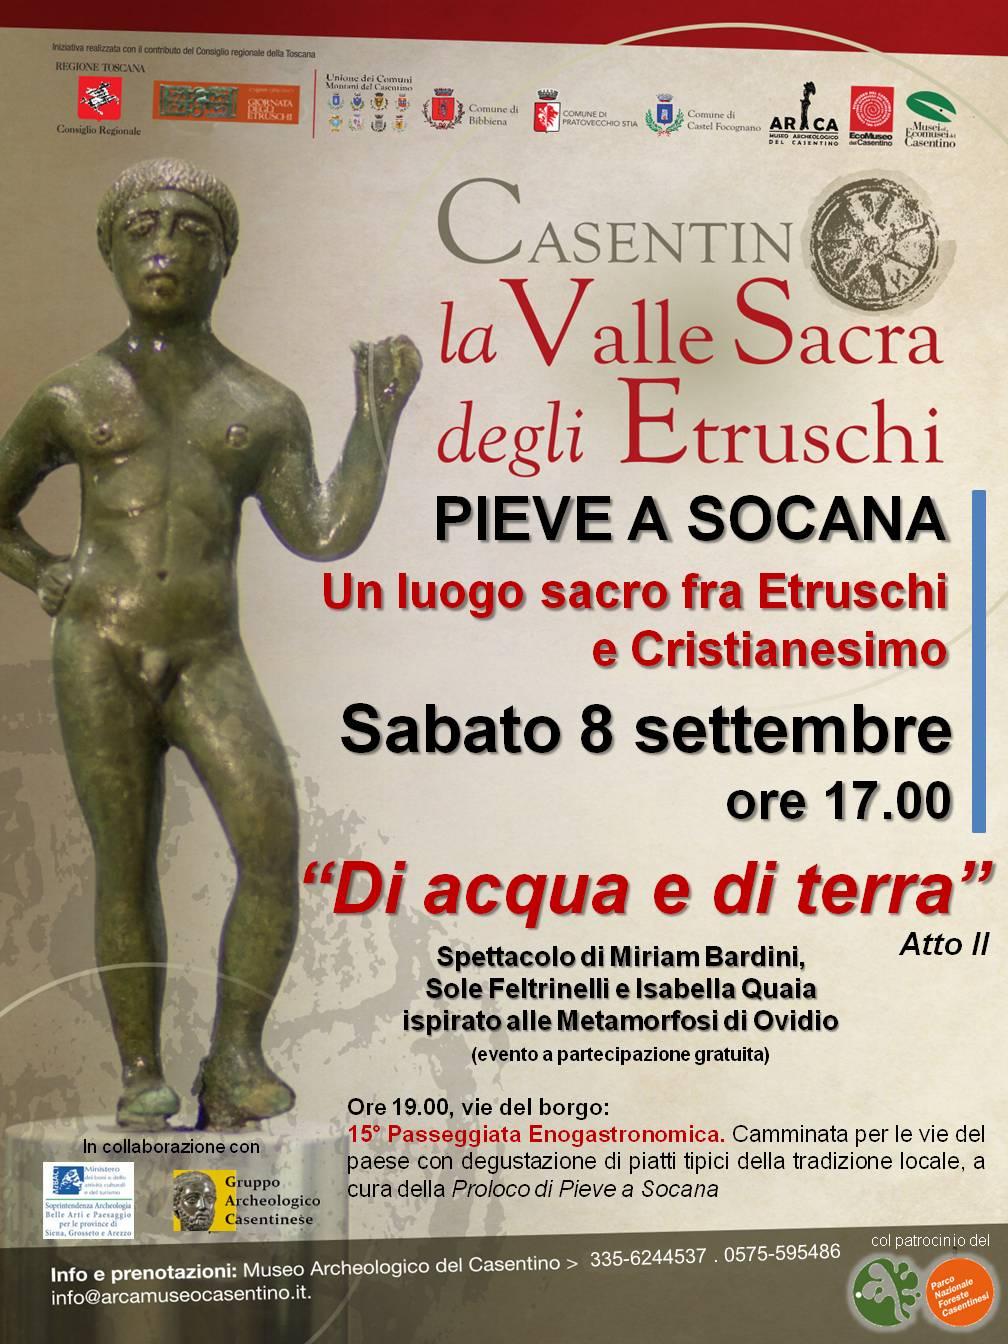 Un luogo sacro fra Etruschi e Cristianesimo